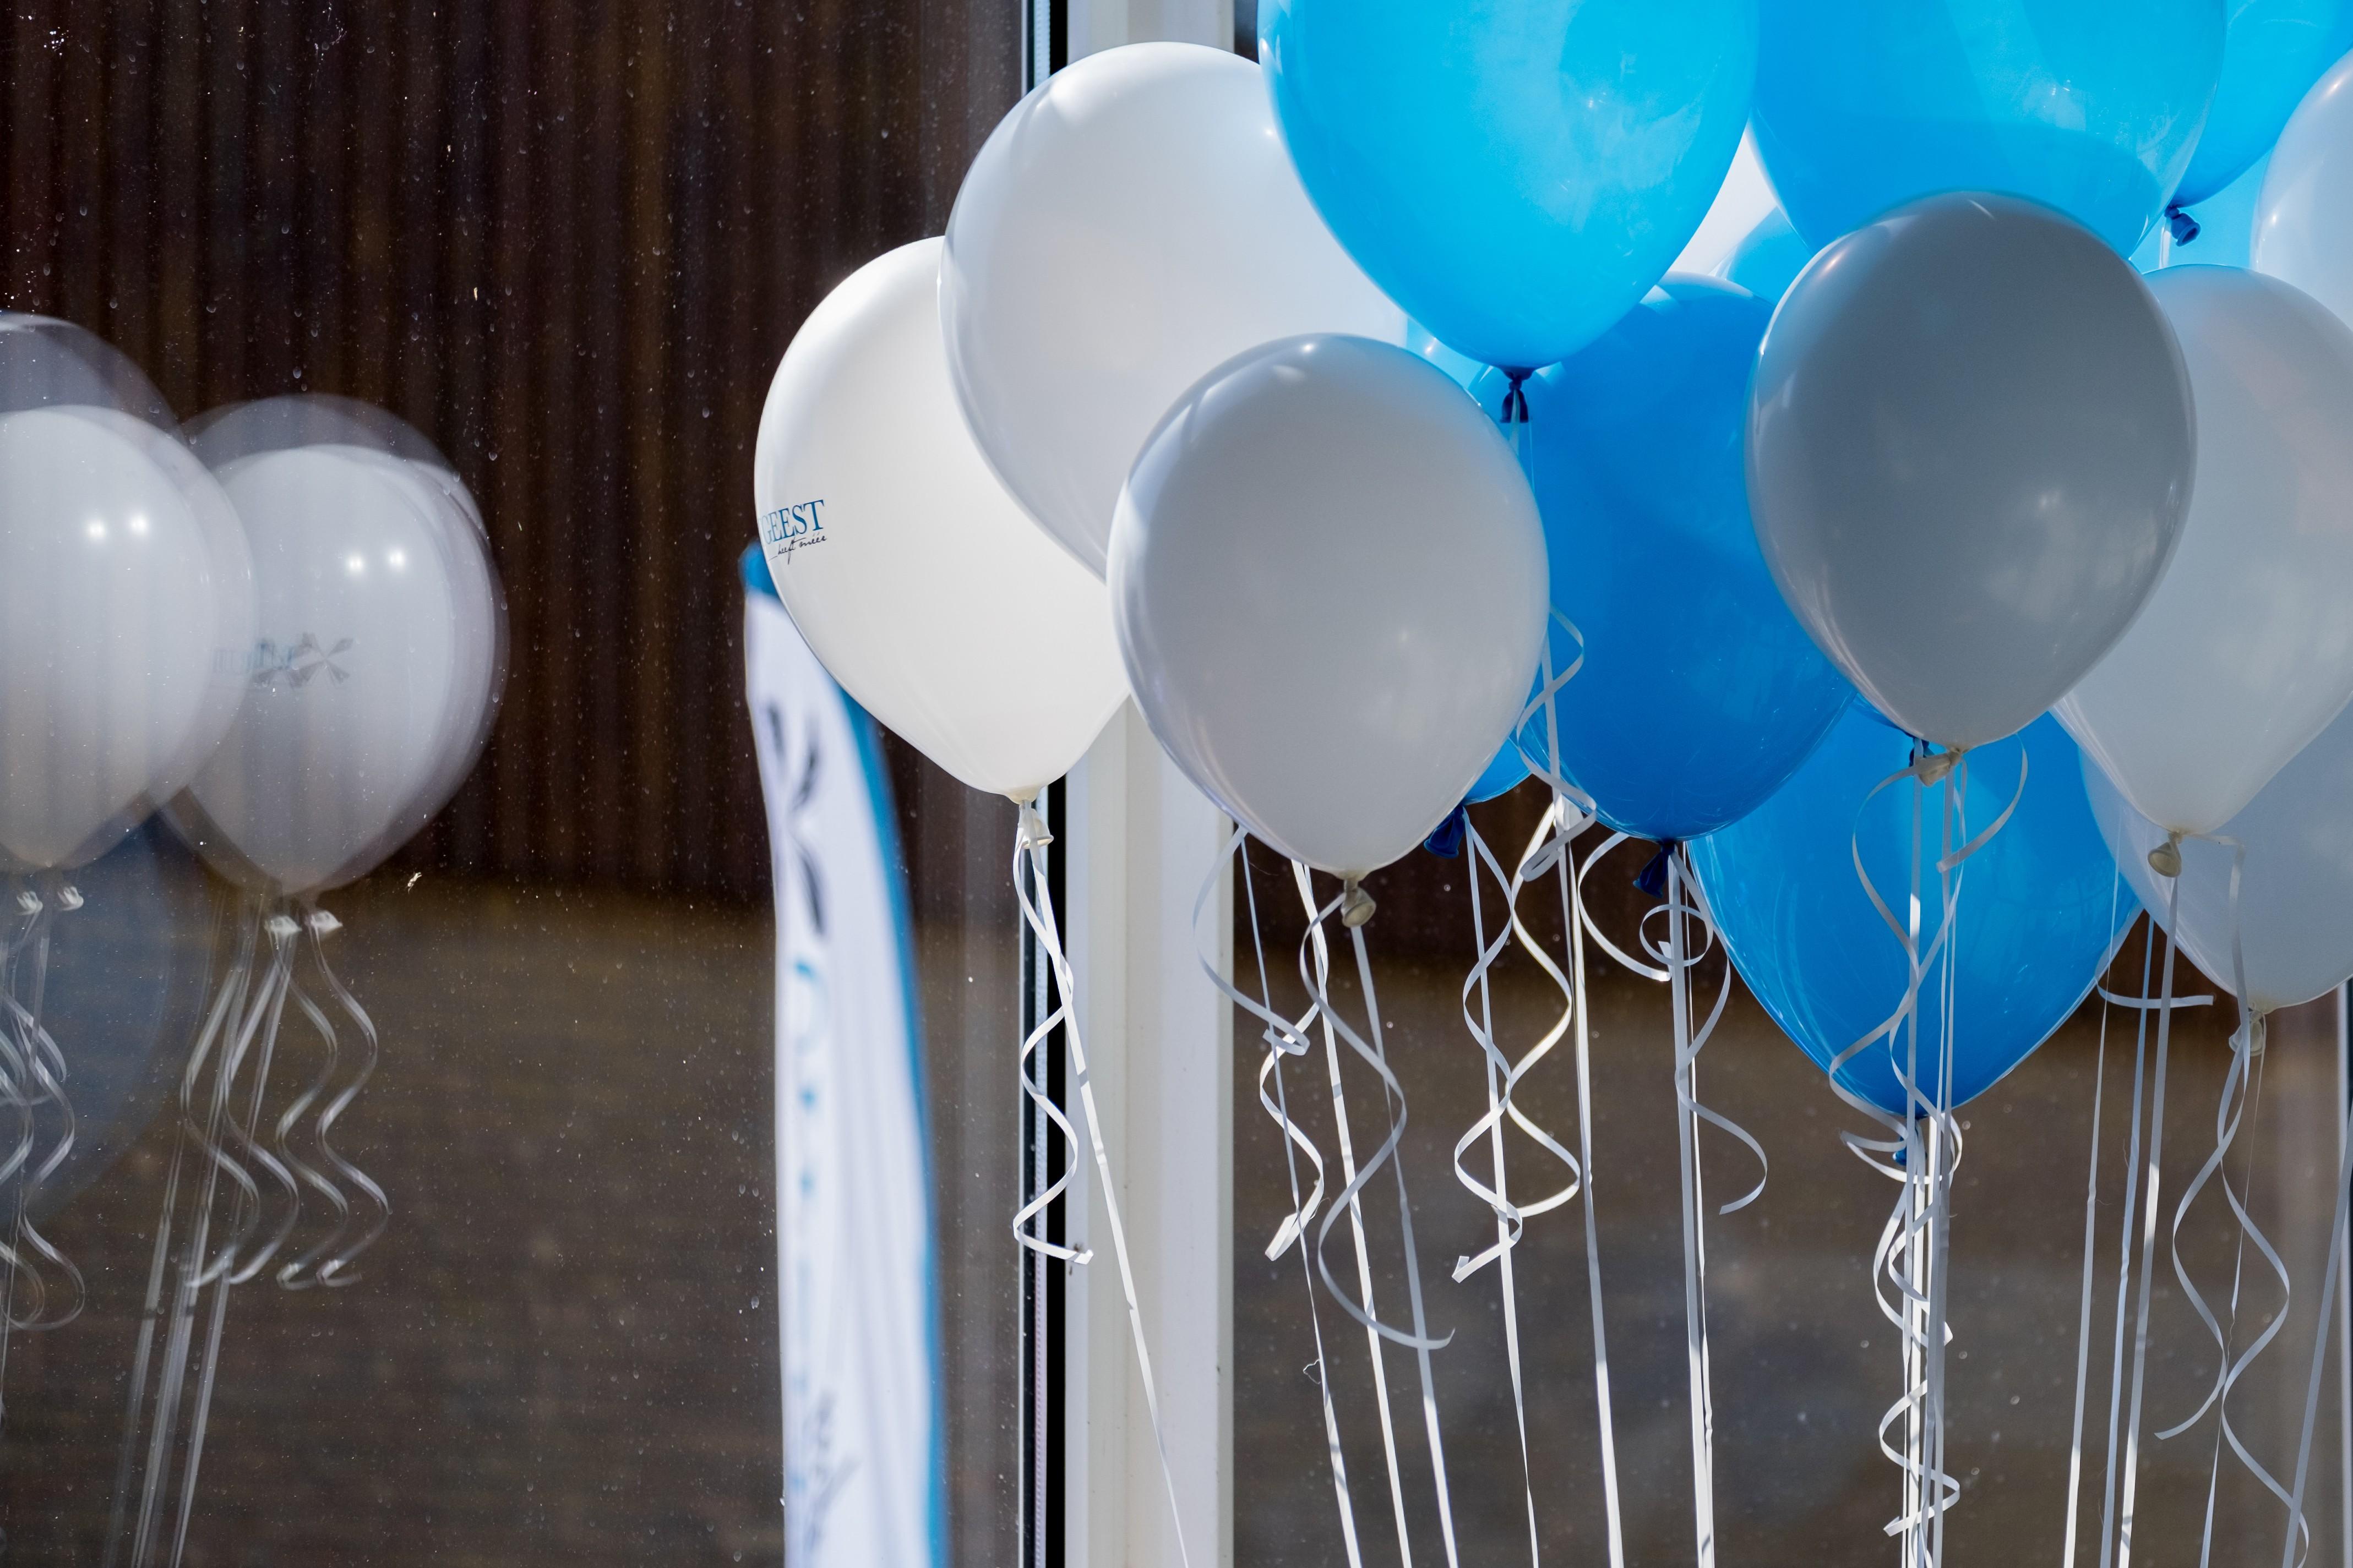 blauwevlag-4.jpg